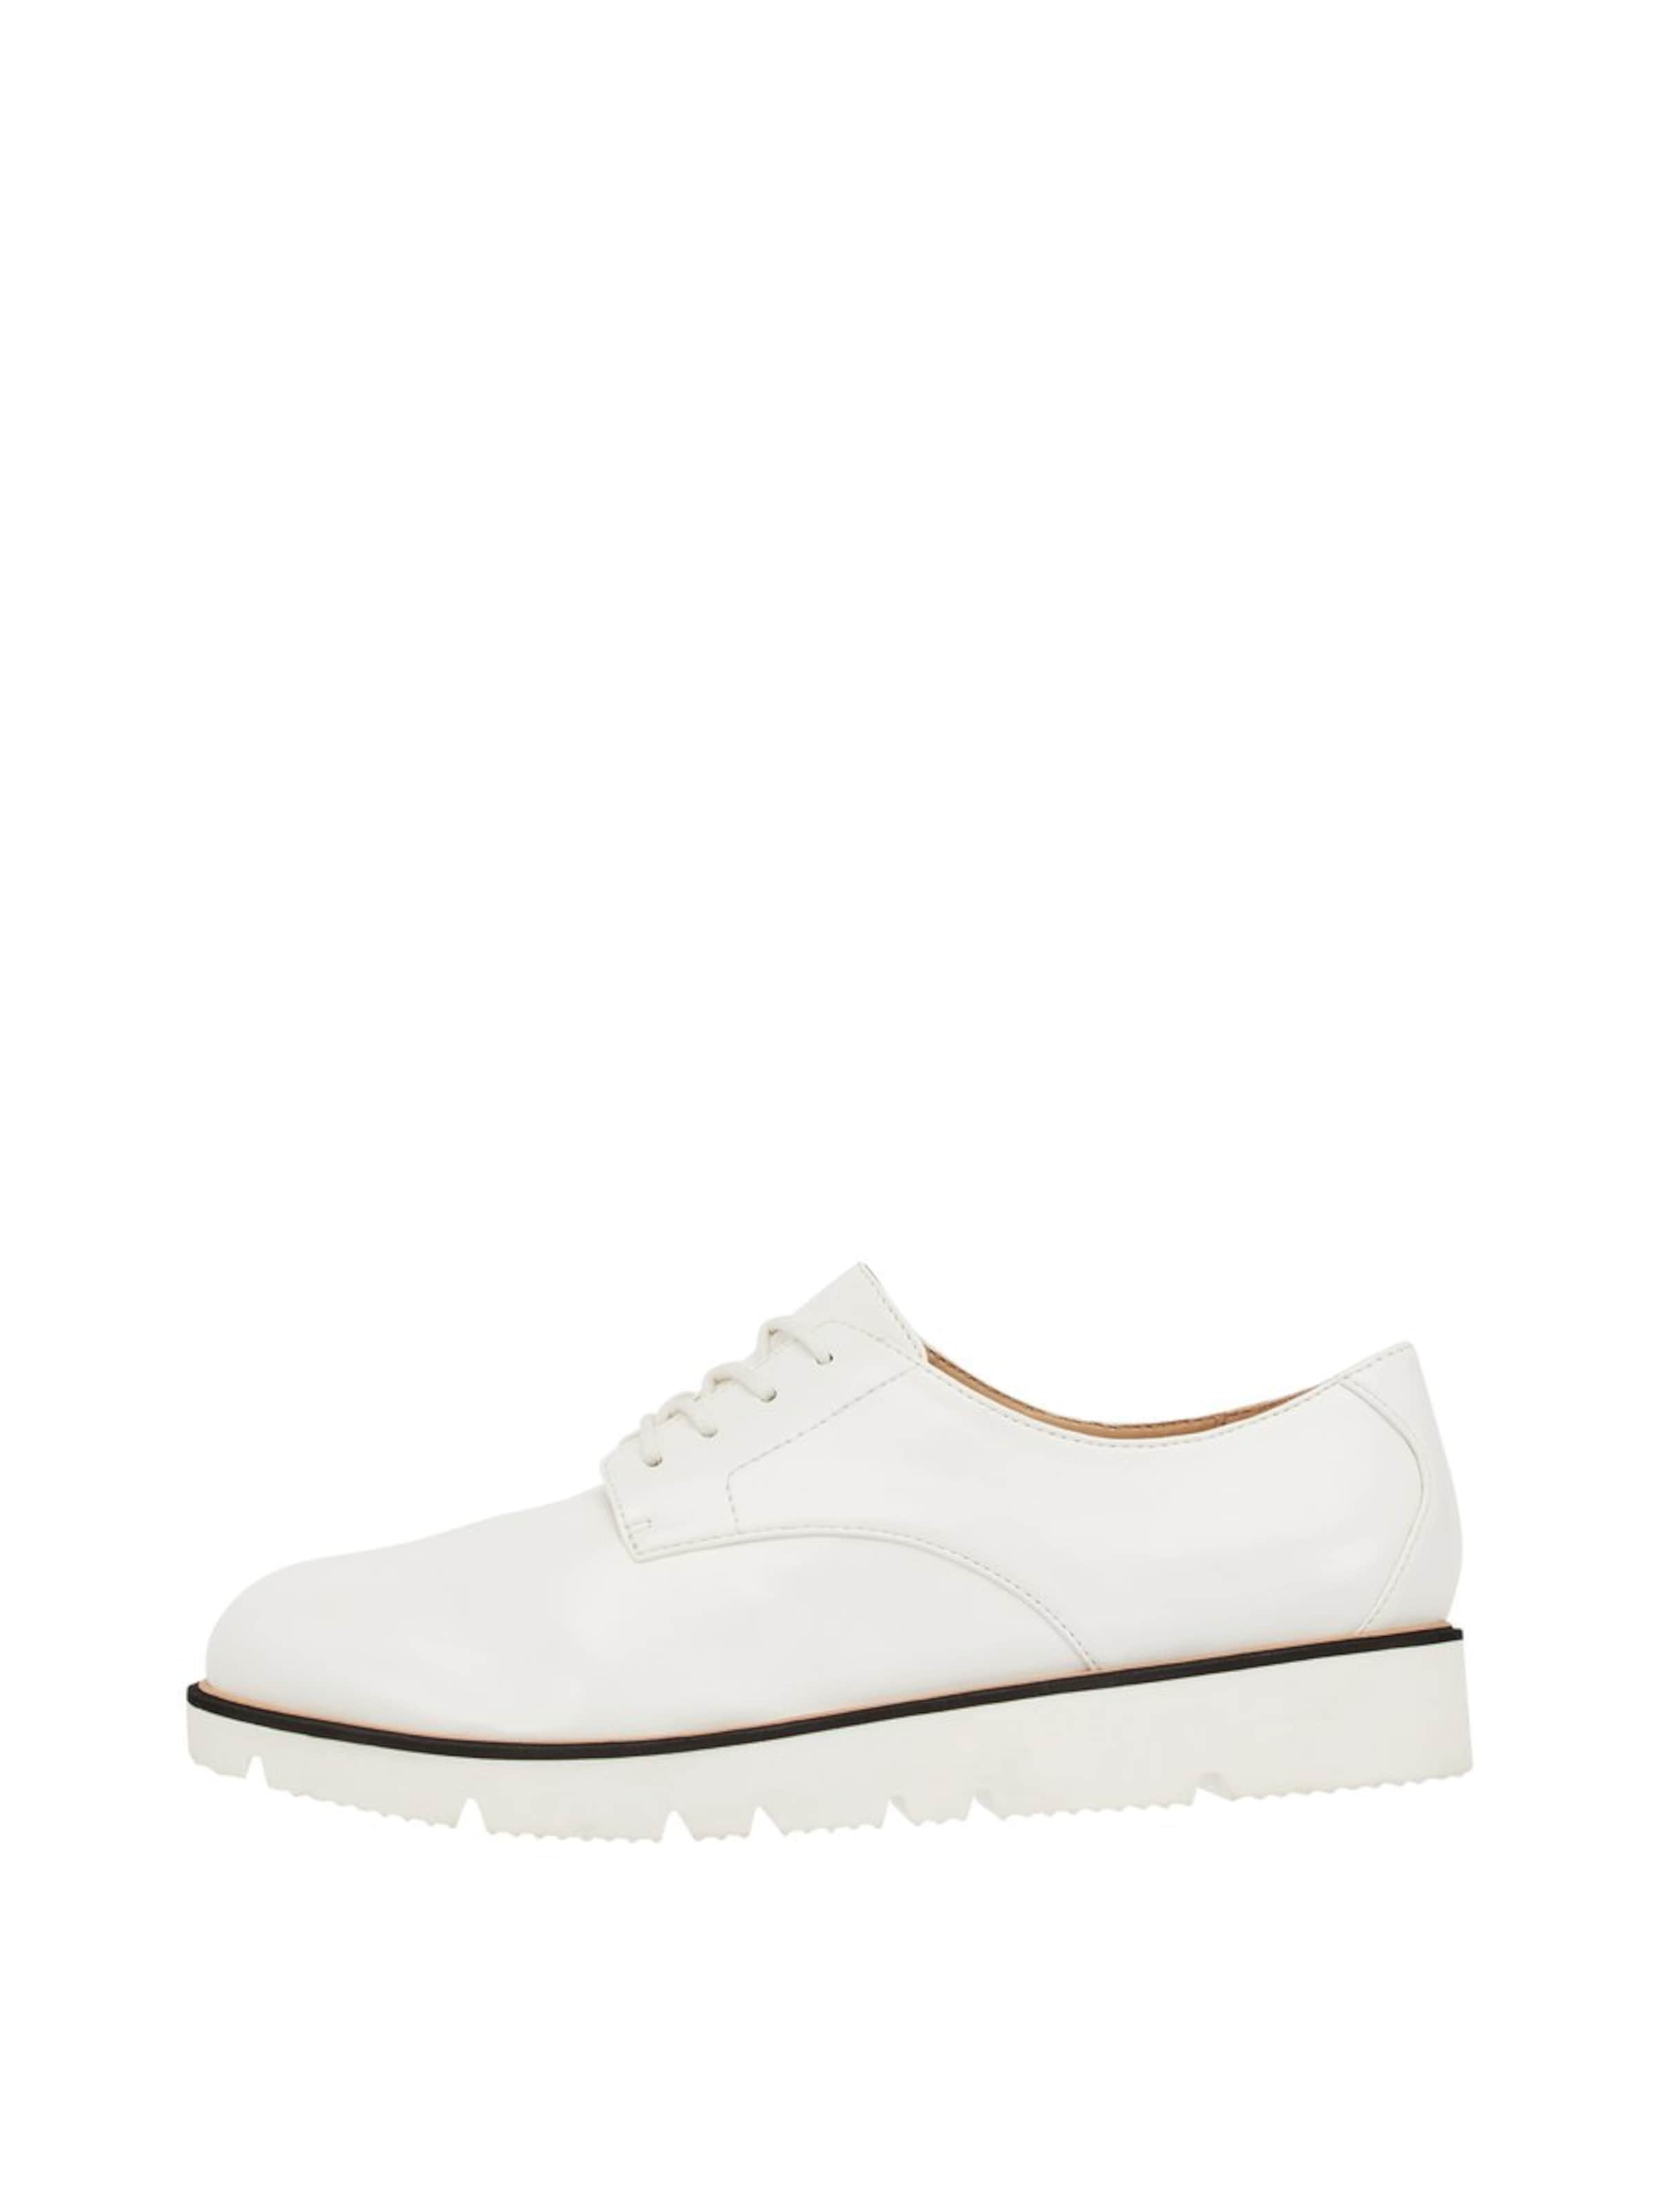 NoirBlanc À Lacets En 'bita' Bianco Chaussure qSUGzMLVp